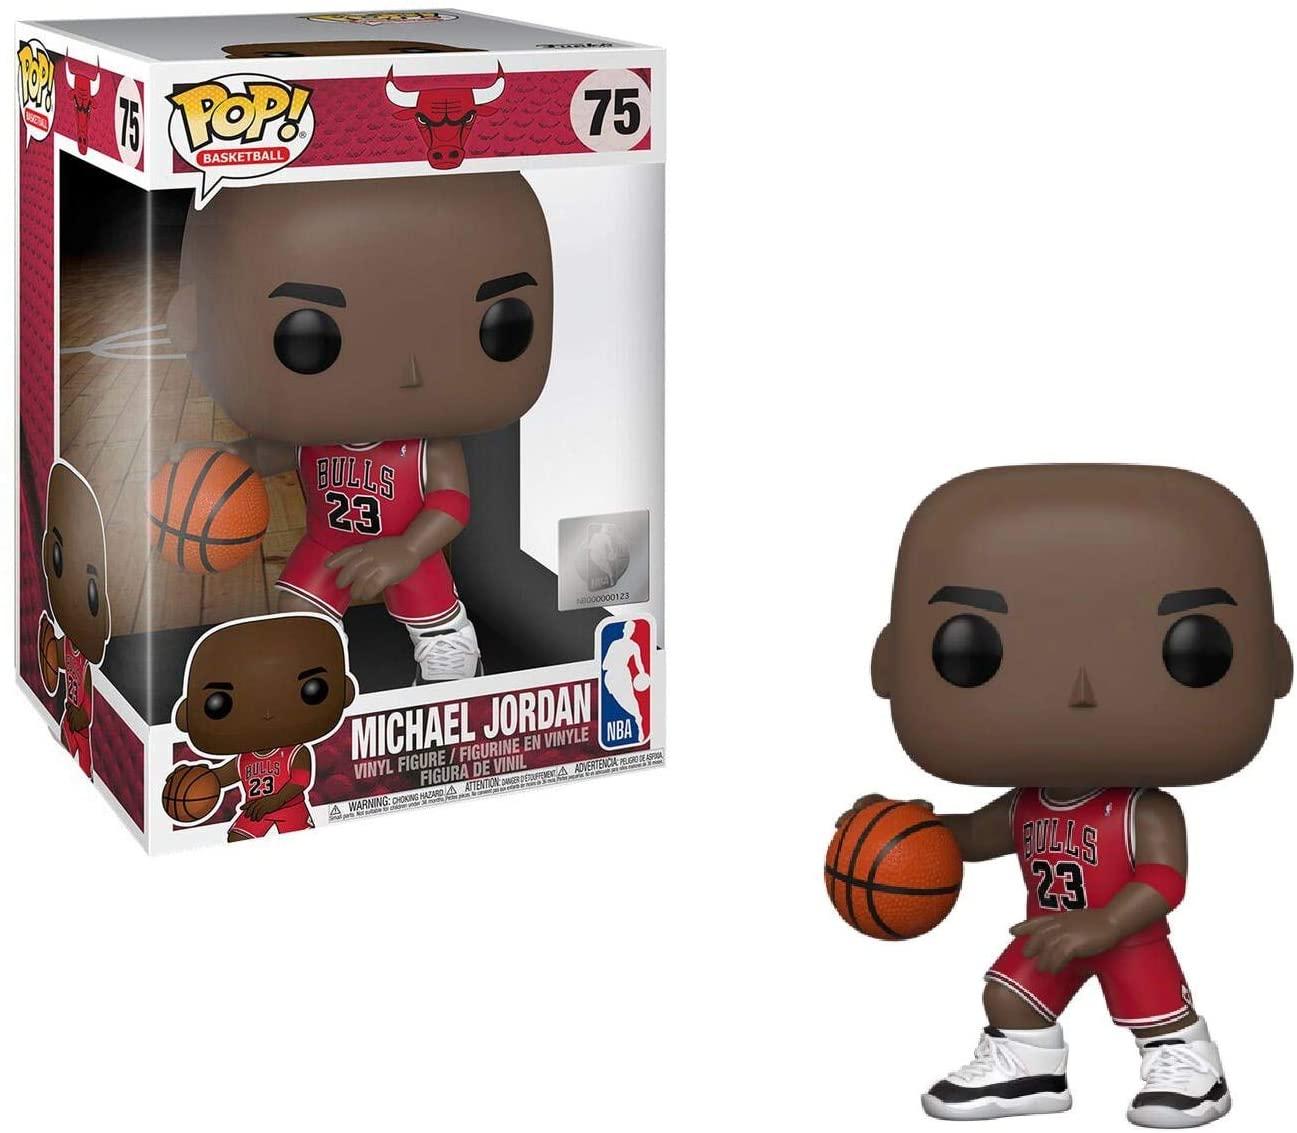 Funko Pop : Figurine Michael Jordan | Idées cadeaux insolites originales